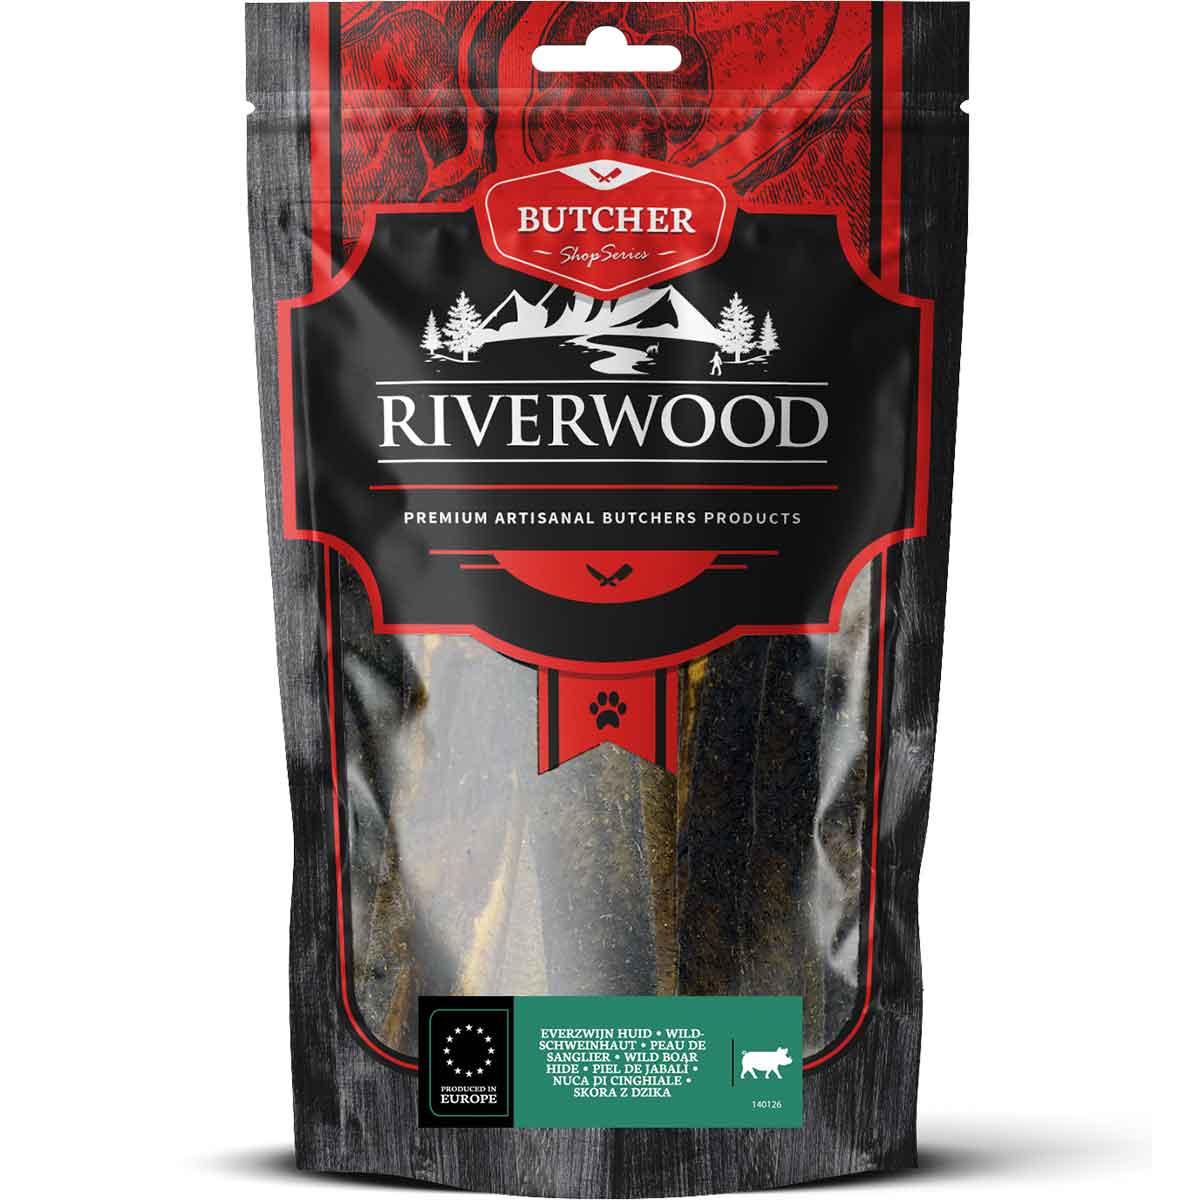 Riverwood Wild Everzwijn Huid